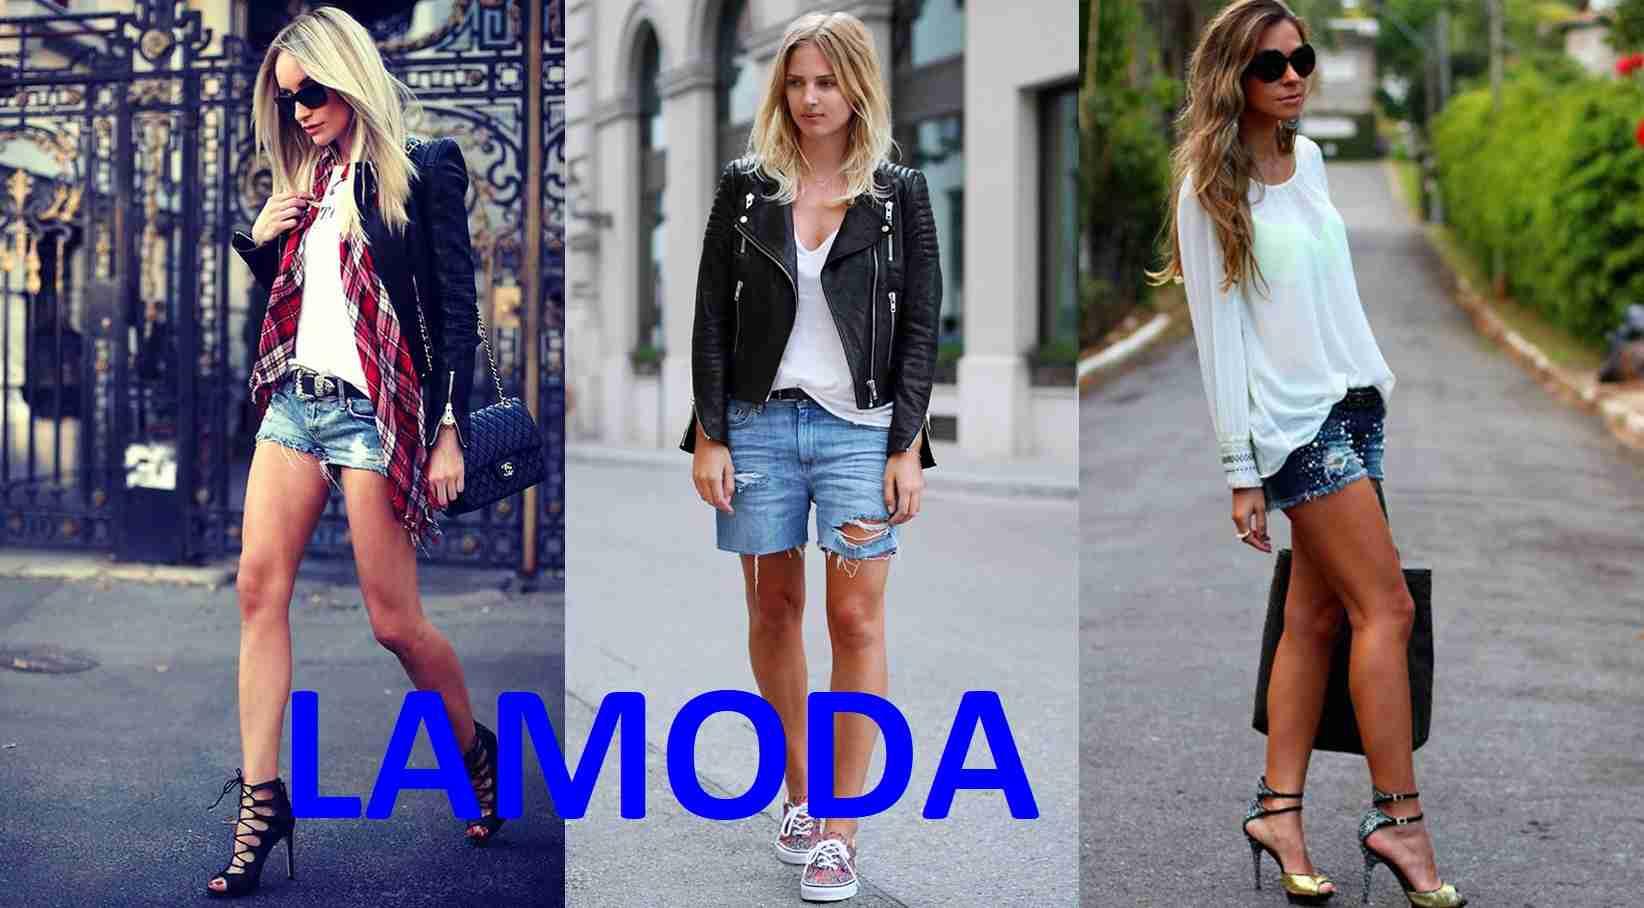 932fa5a4d880 Купить модные женские шорты бермуды на ламода, джинсовые на алиэкспресс и  Вайлдберриз отзывы